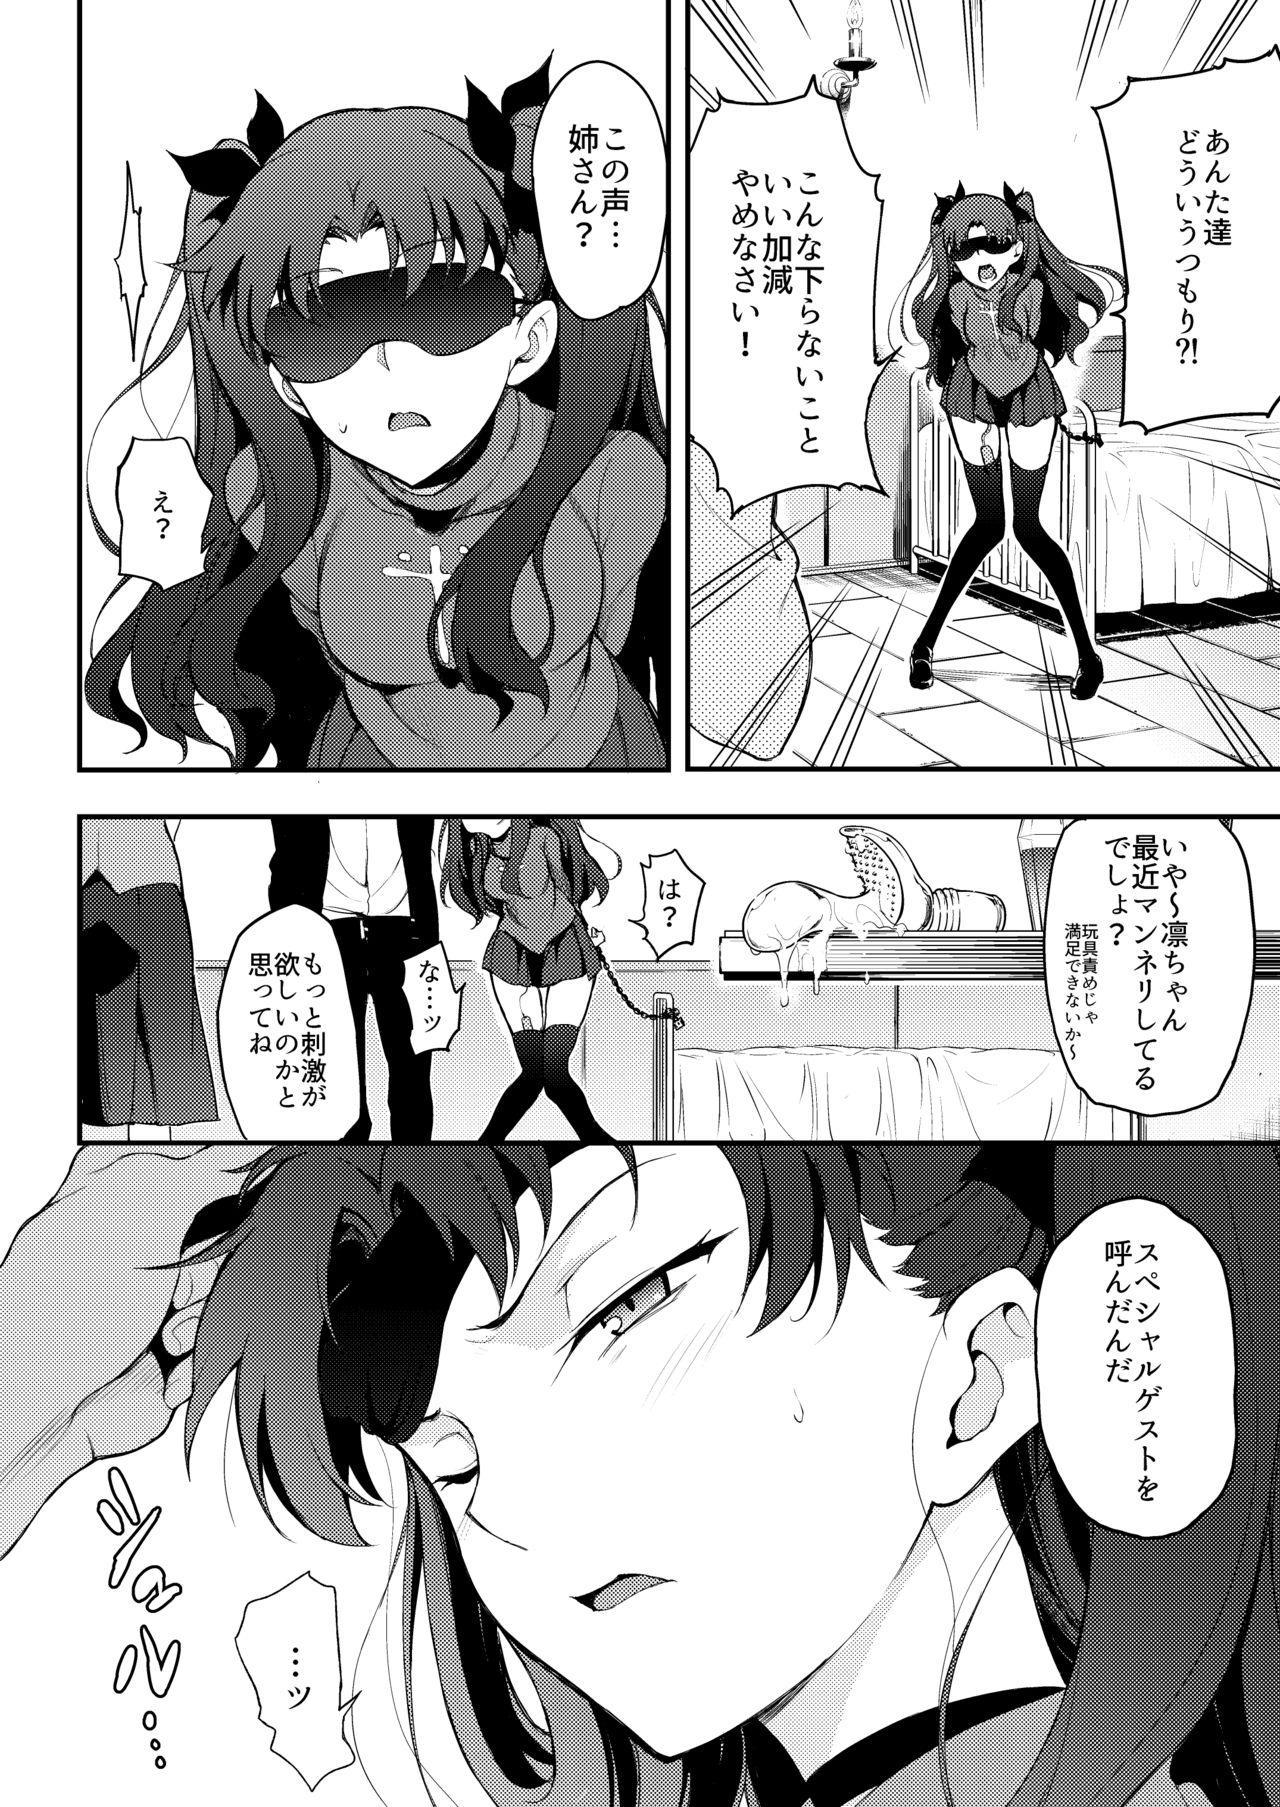 Tohsaka Shimai Ryoujoku 3